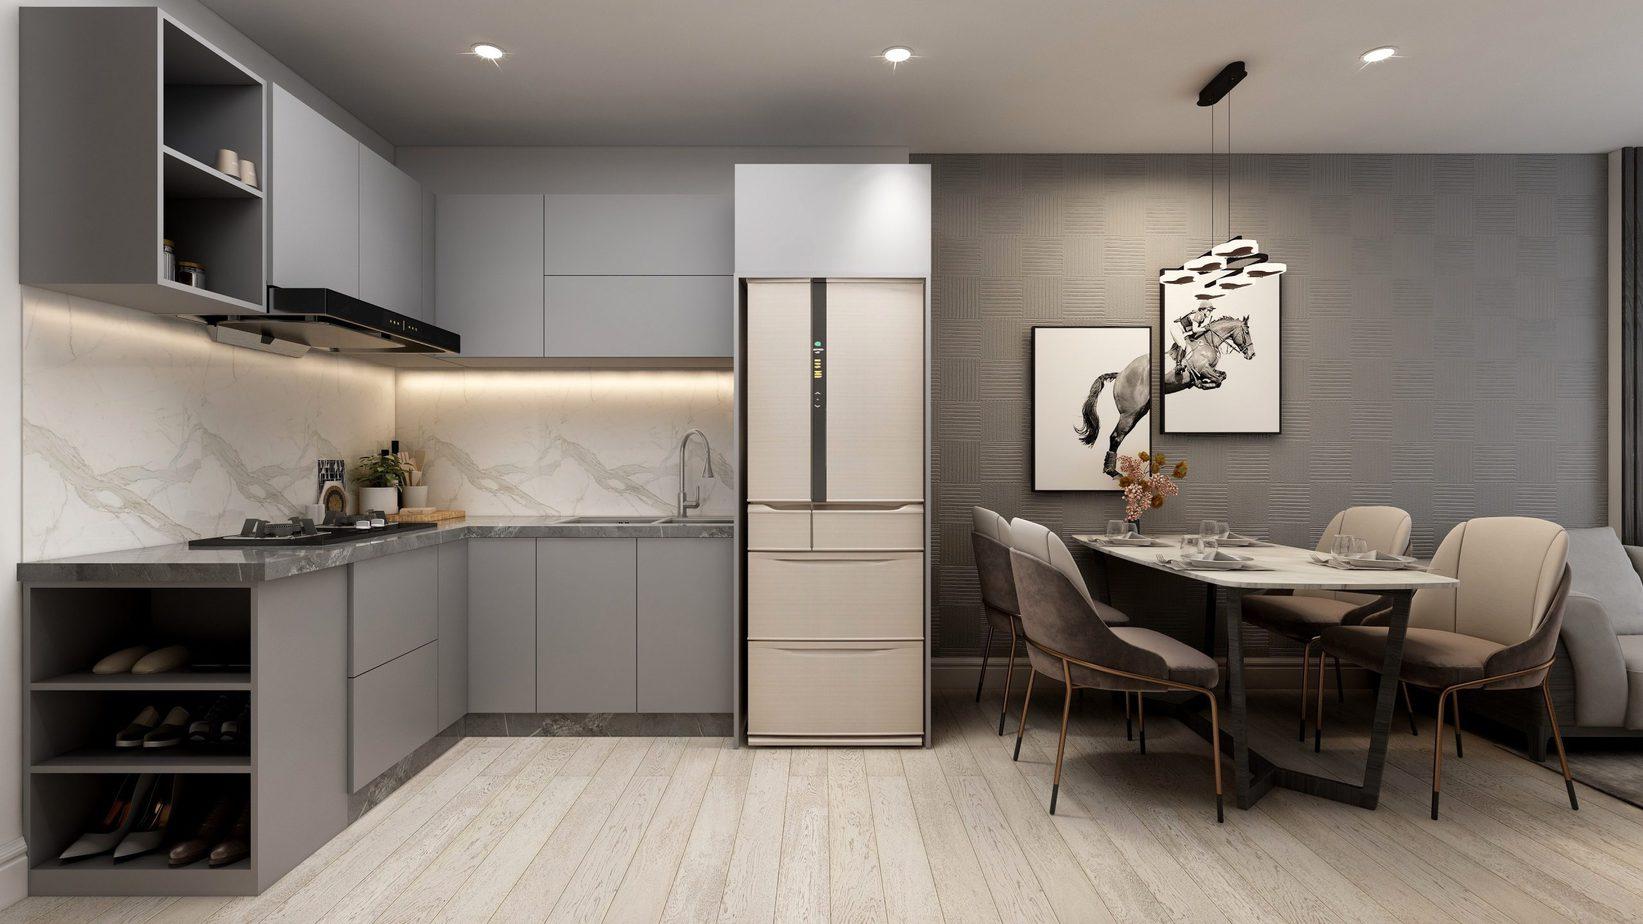 Vẻ đẹp thanh lịch, nền nã, hiện đại của tủ bếp chữ L màu xám có thêm ô lưu chữ đồ không cánh tiện dụng